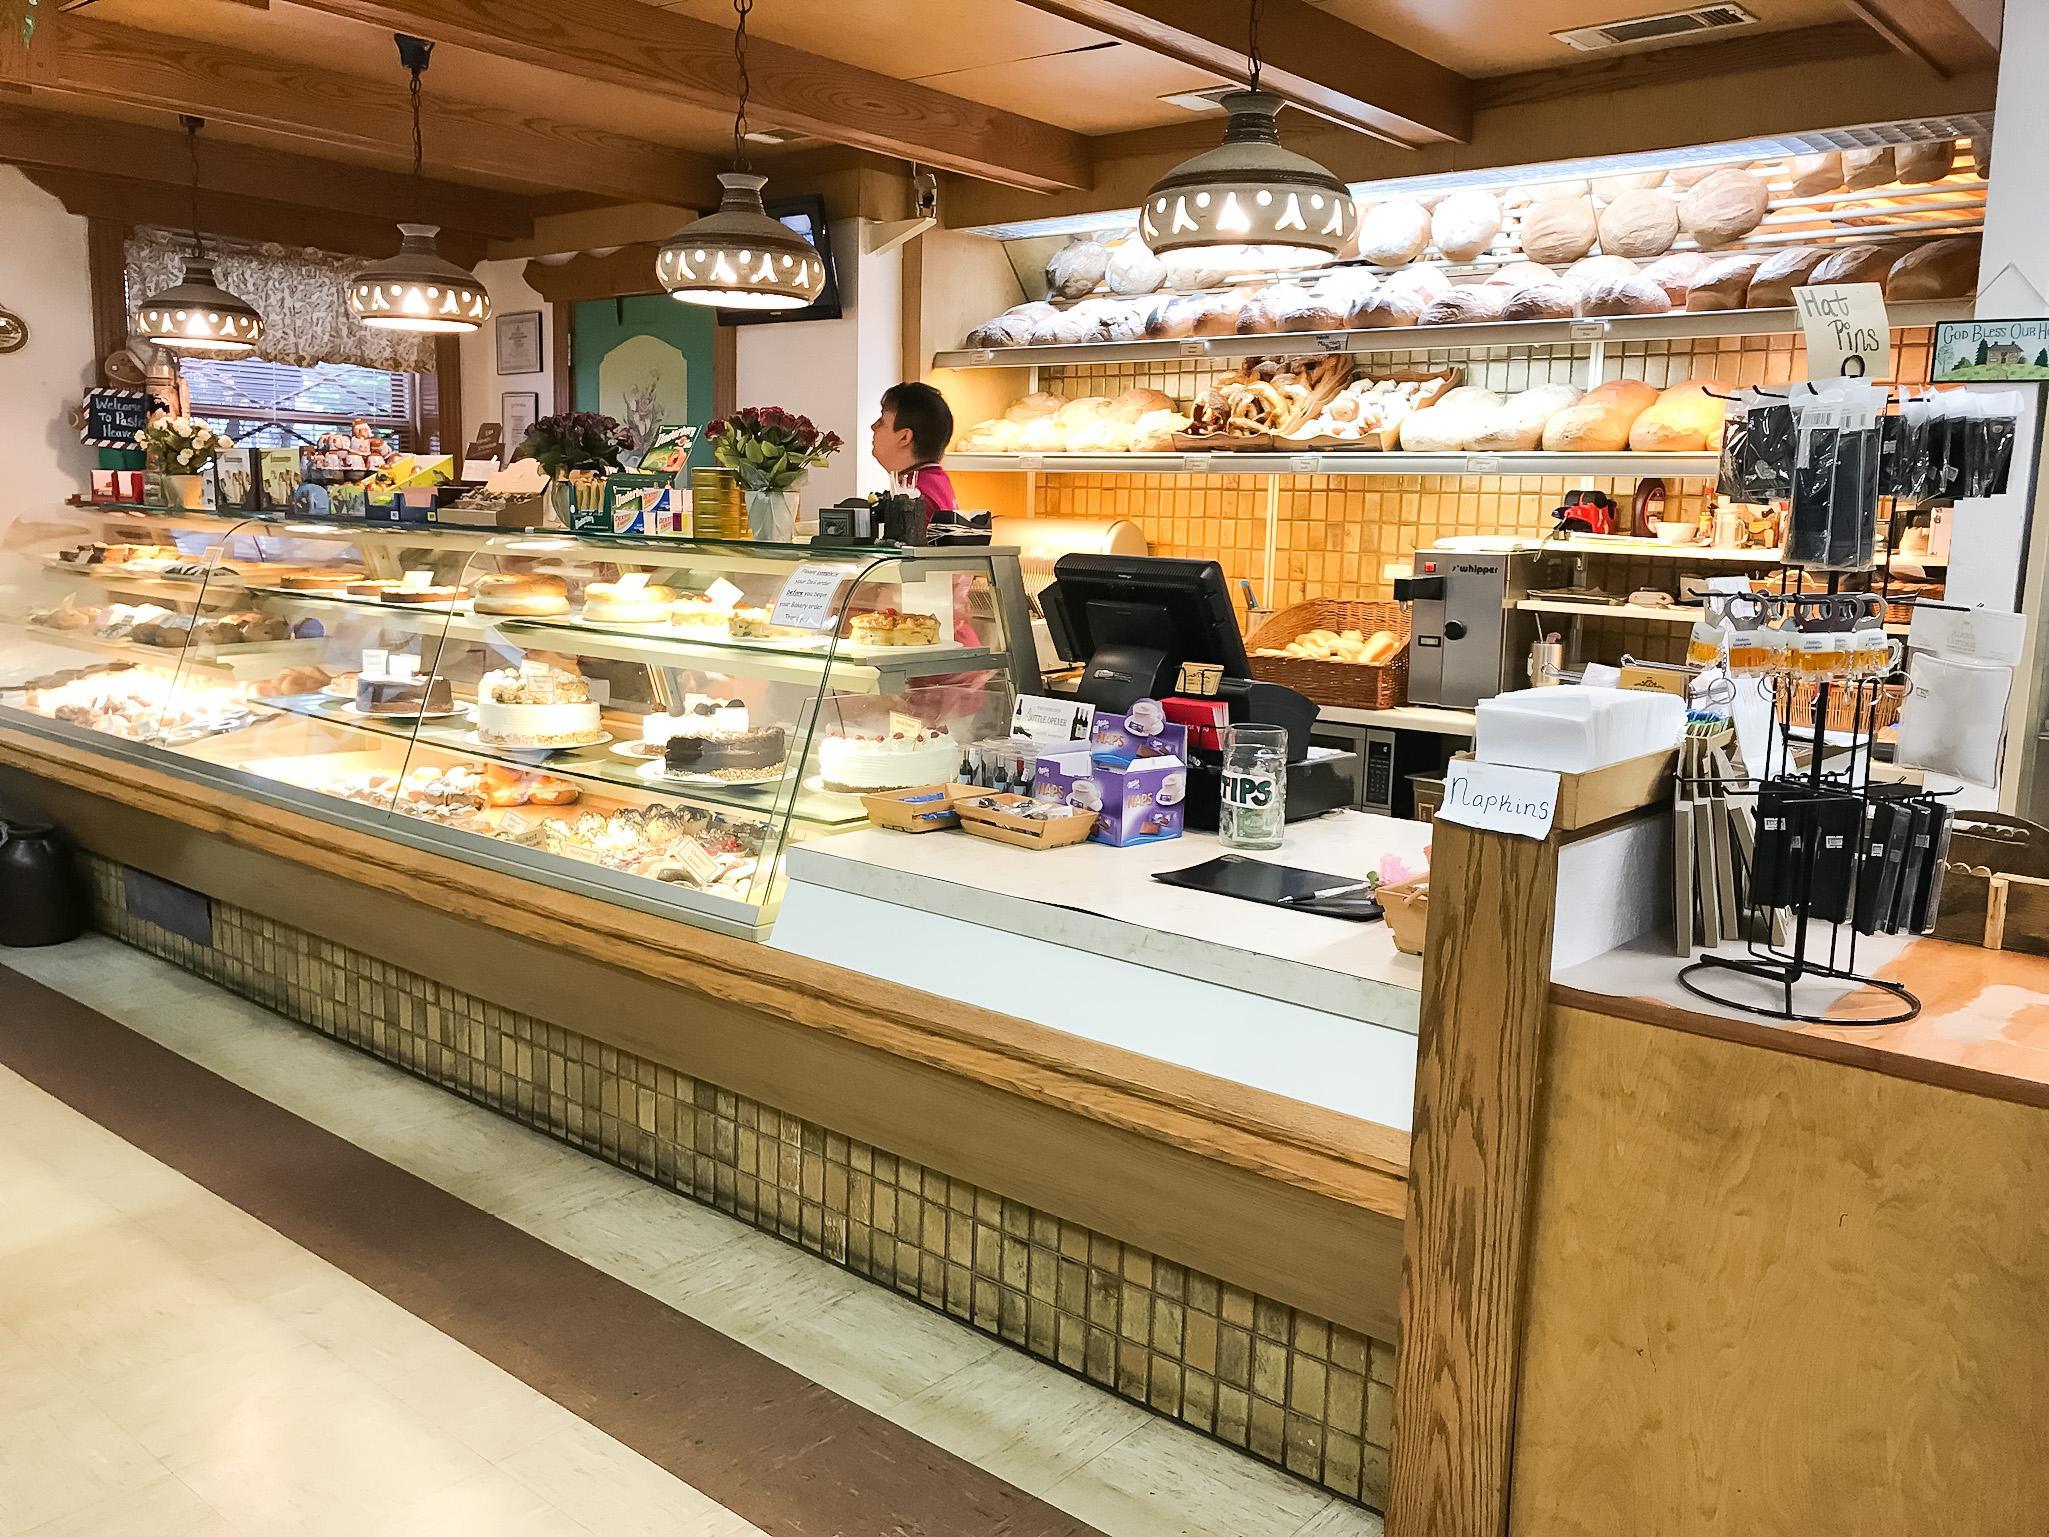 german bakery in bavarian town in georgia